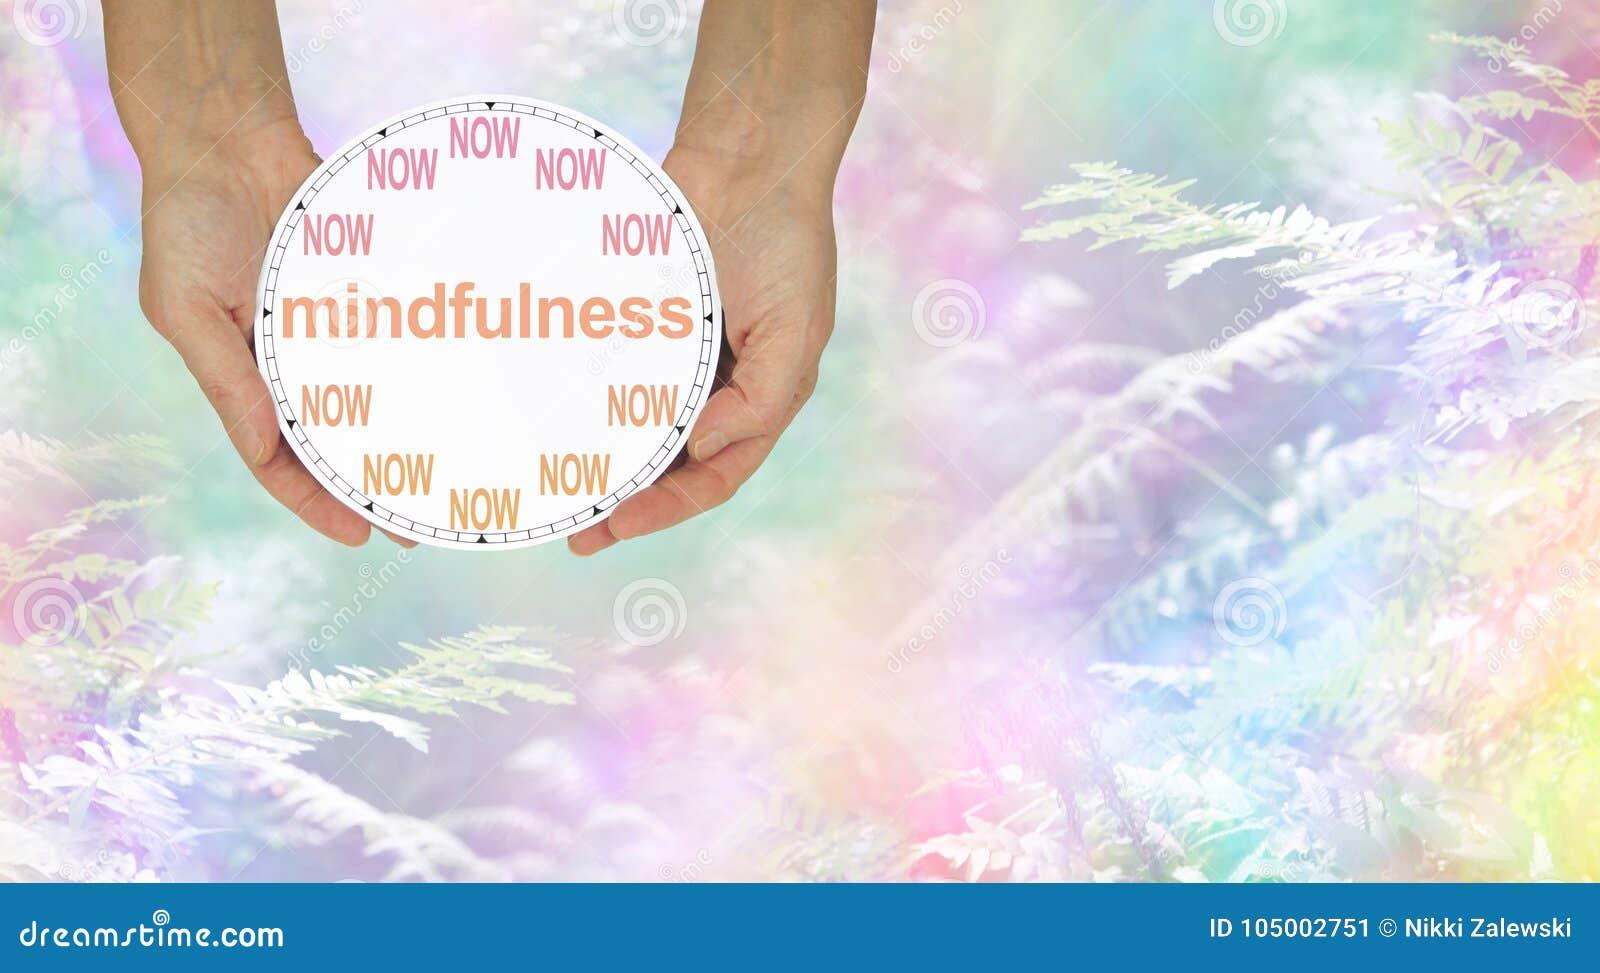 Mindfulness - faça-o AGORA